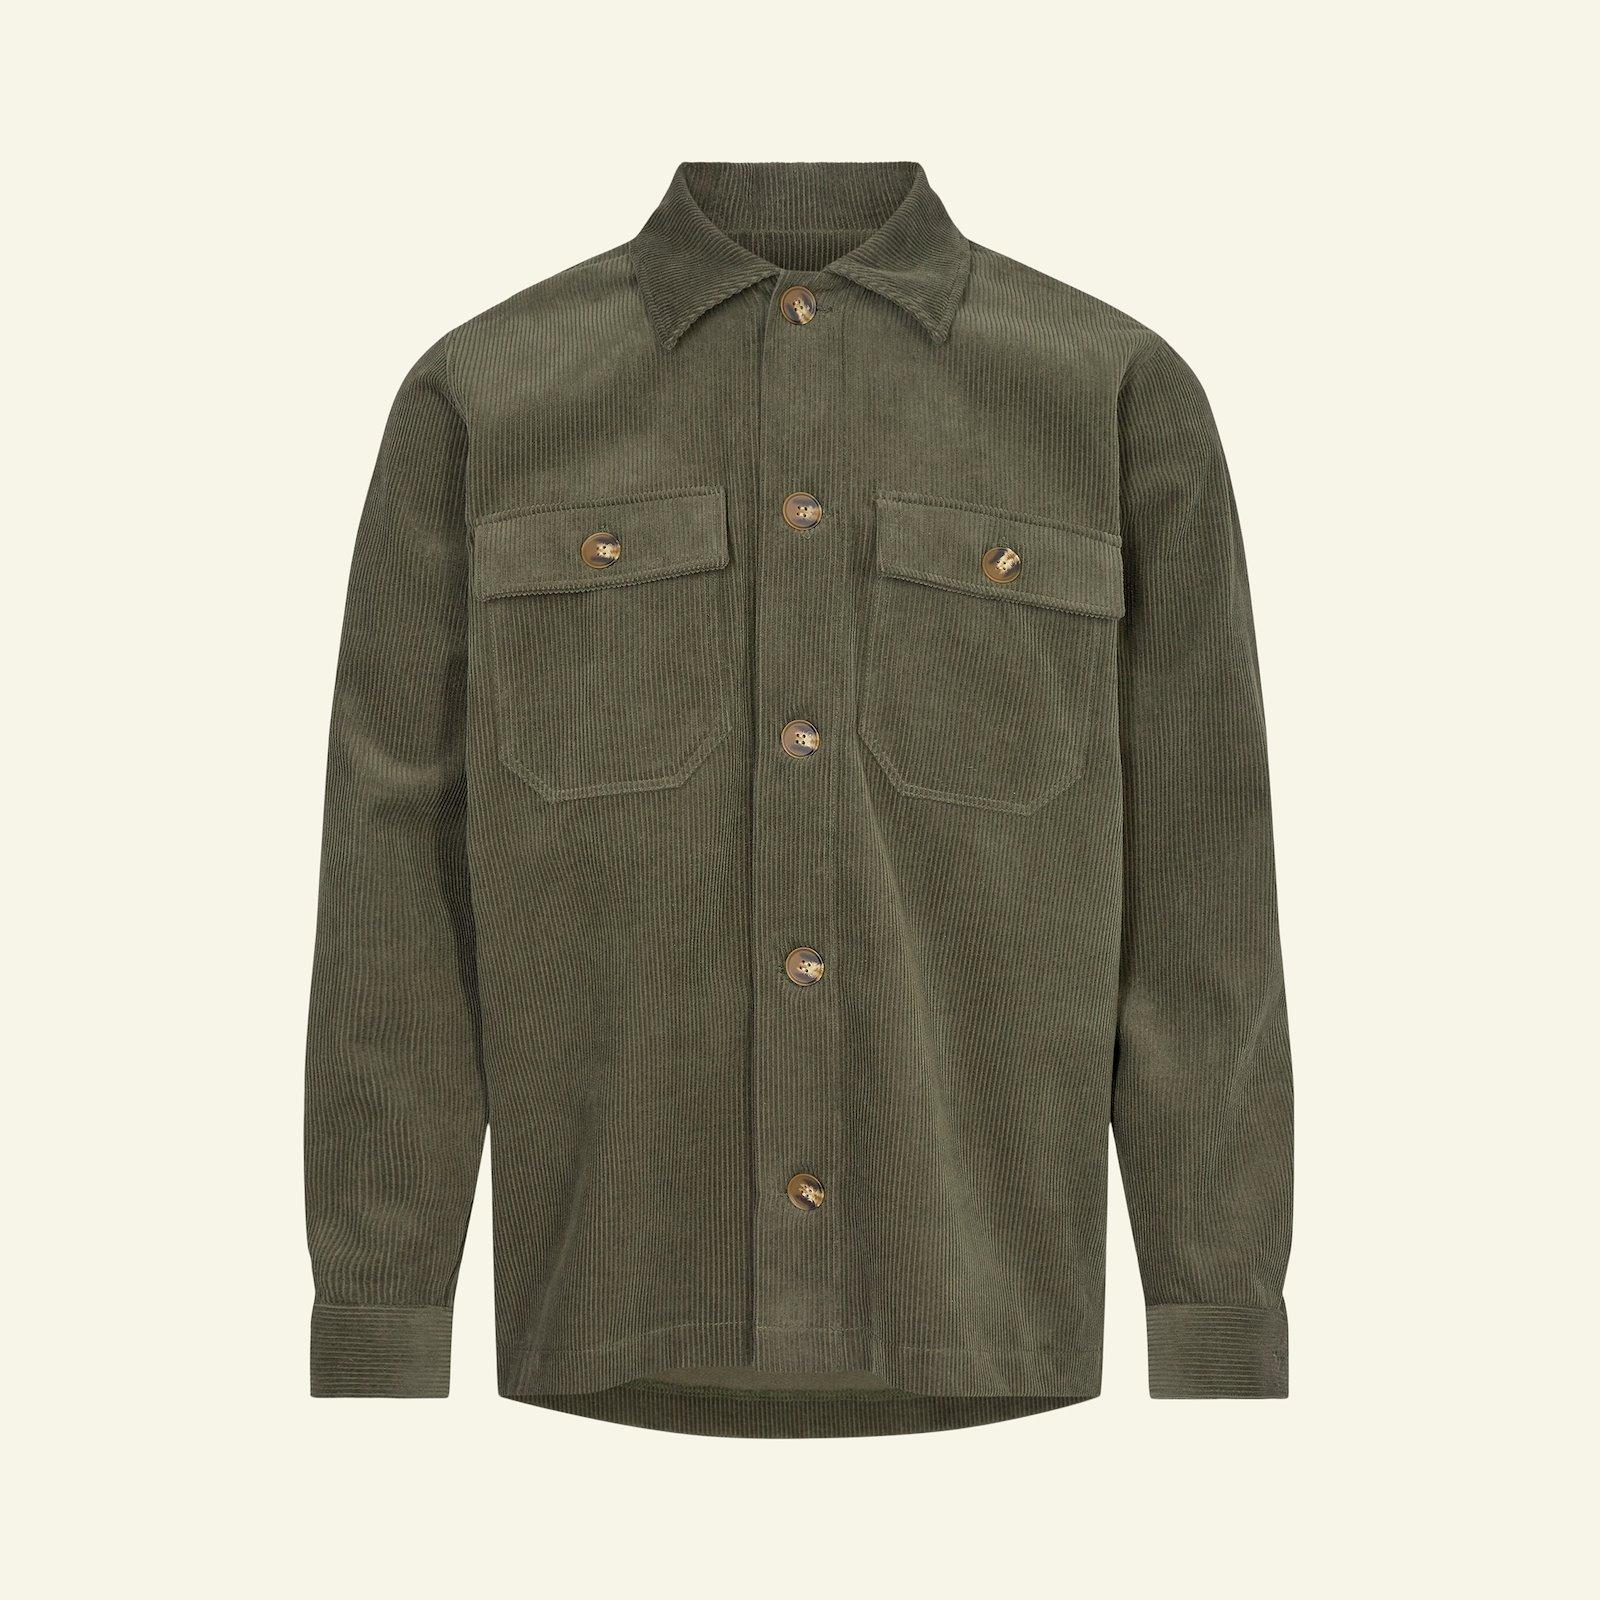 Men shirtjacket, M p87005_430307_33337_sskit